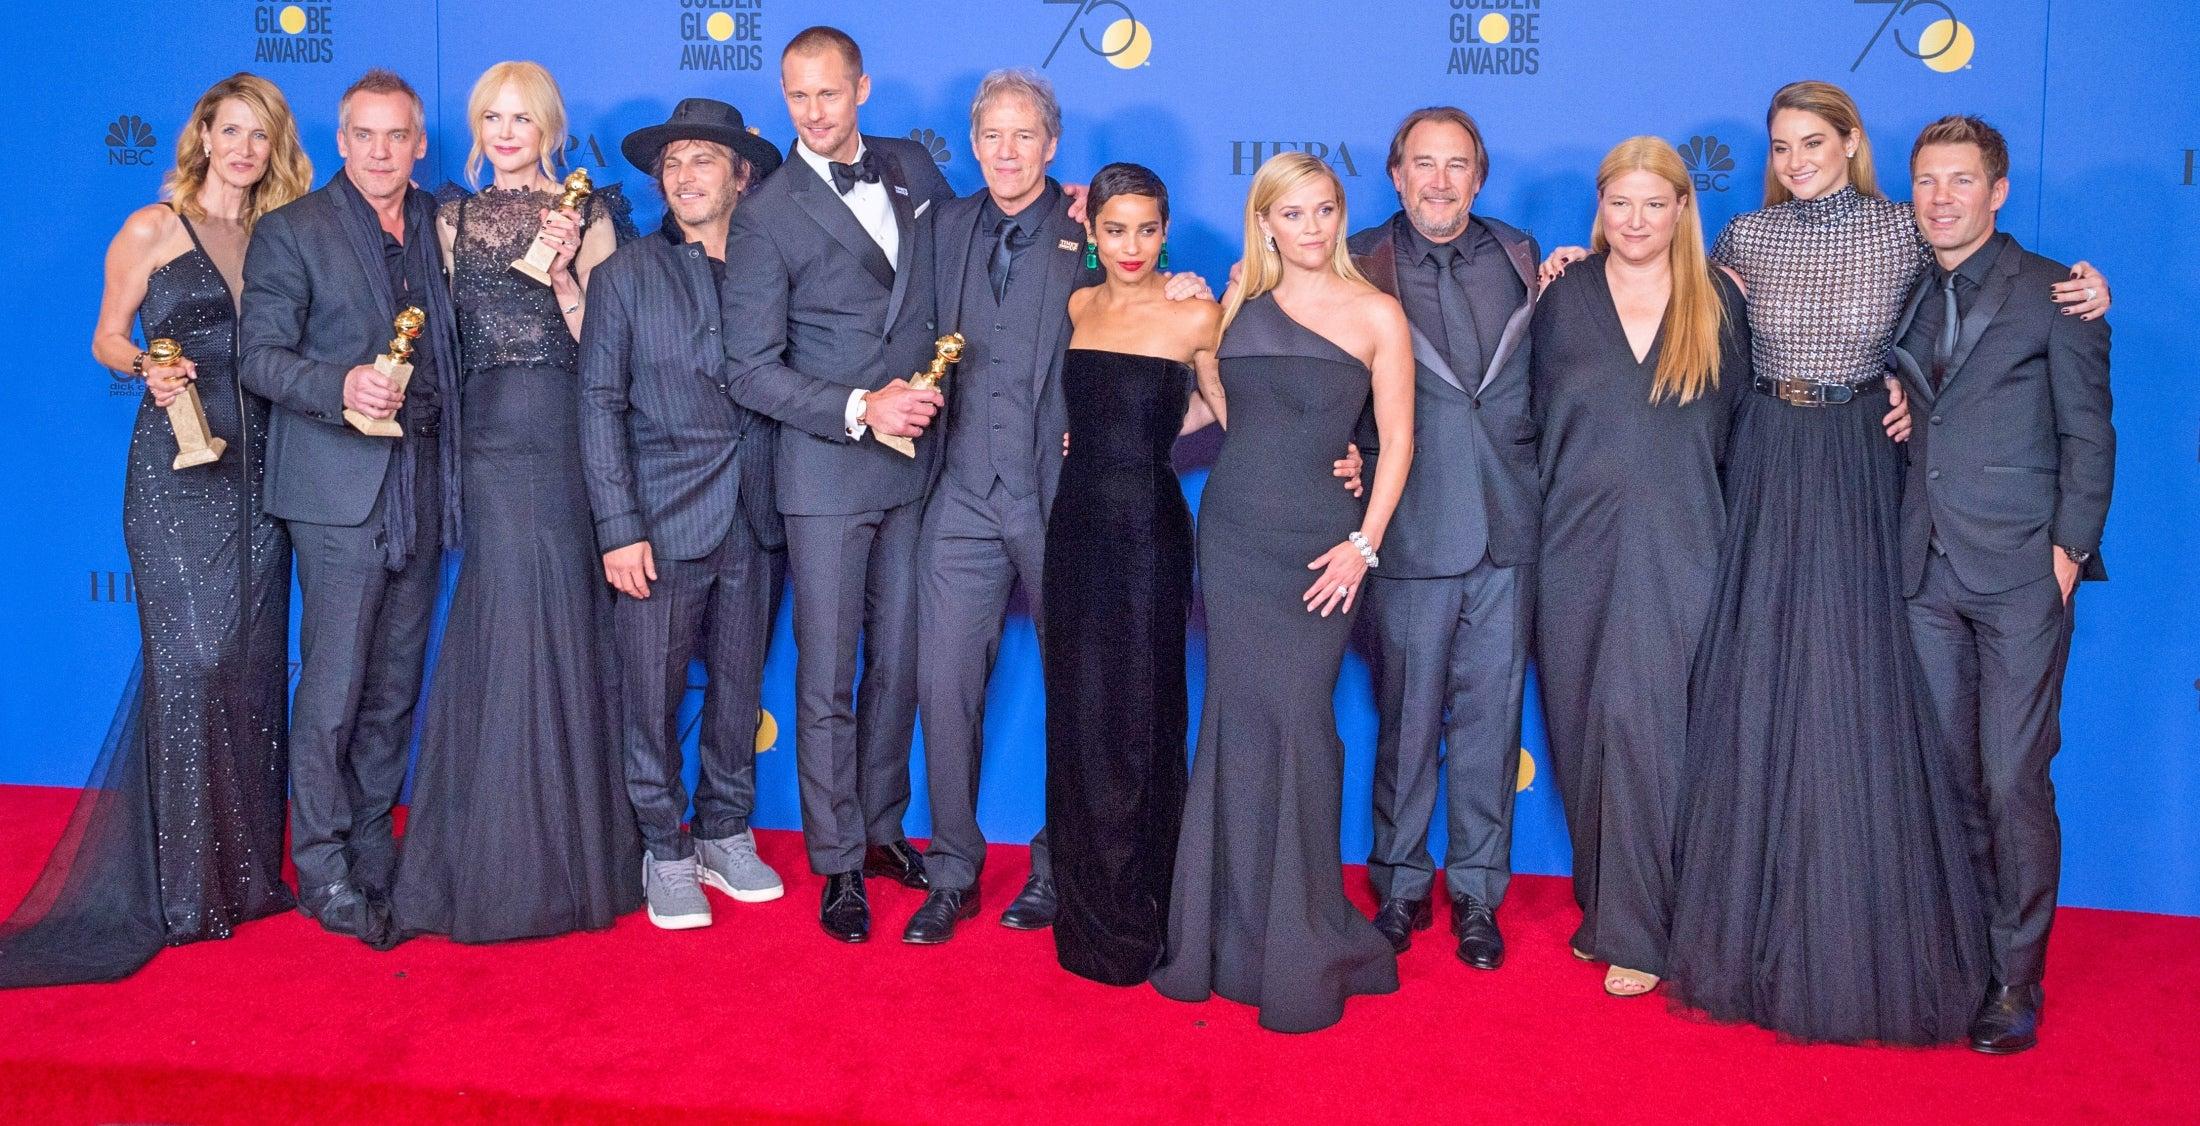 Cast and crew of Biug Little Lies, Golden Globe winnner